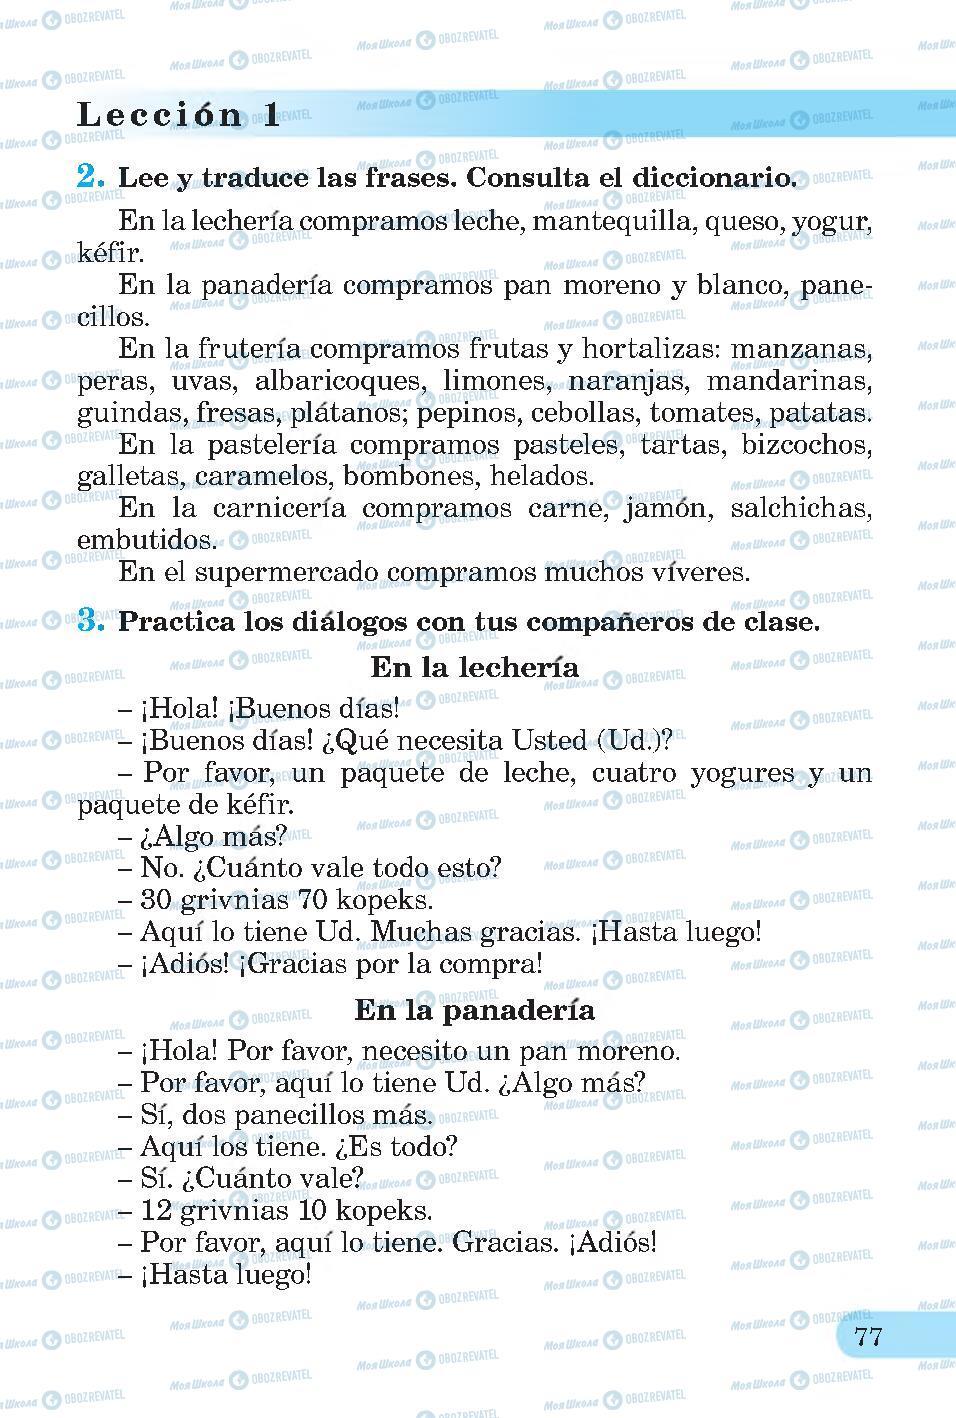 Підручники Іспанська мова 4 клас сторінка 77